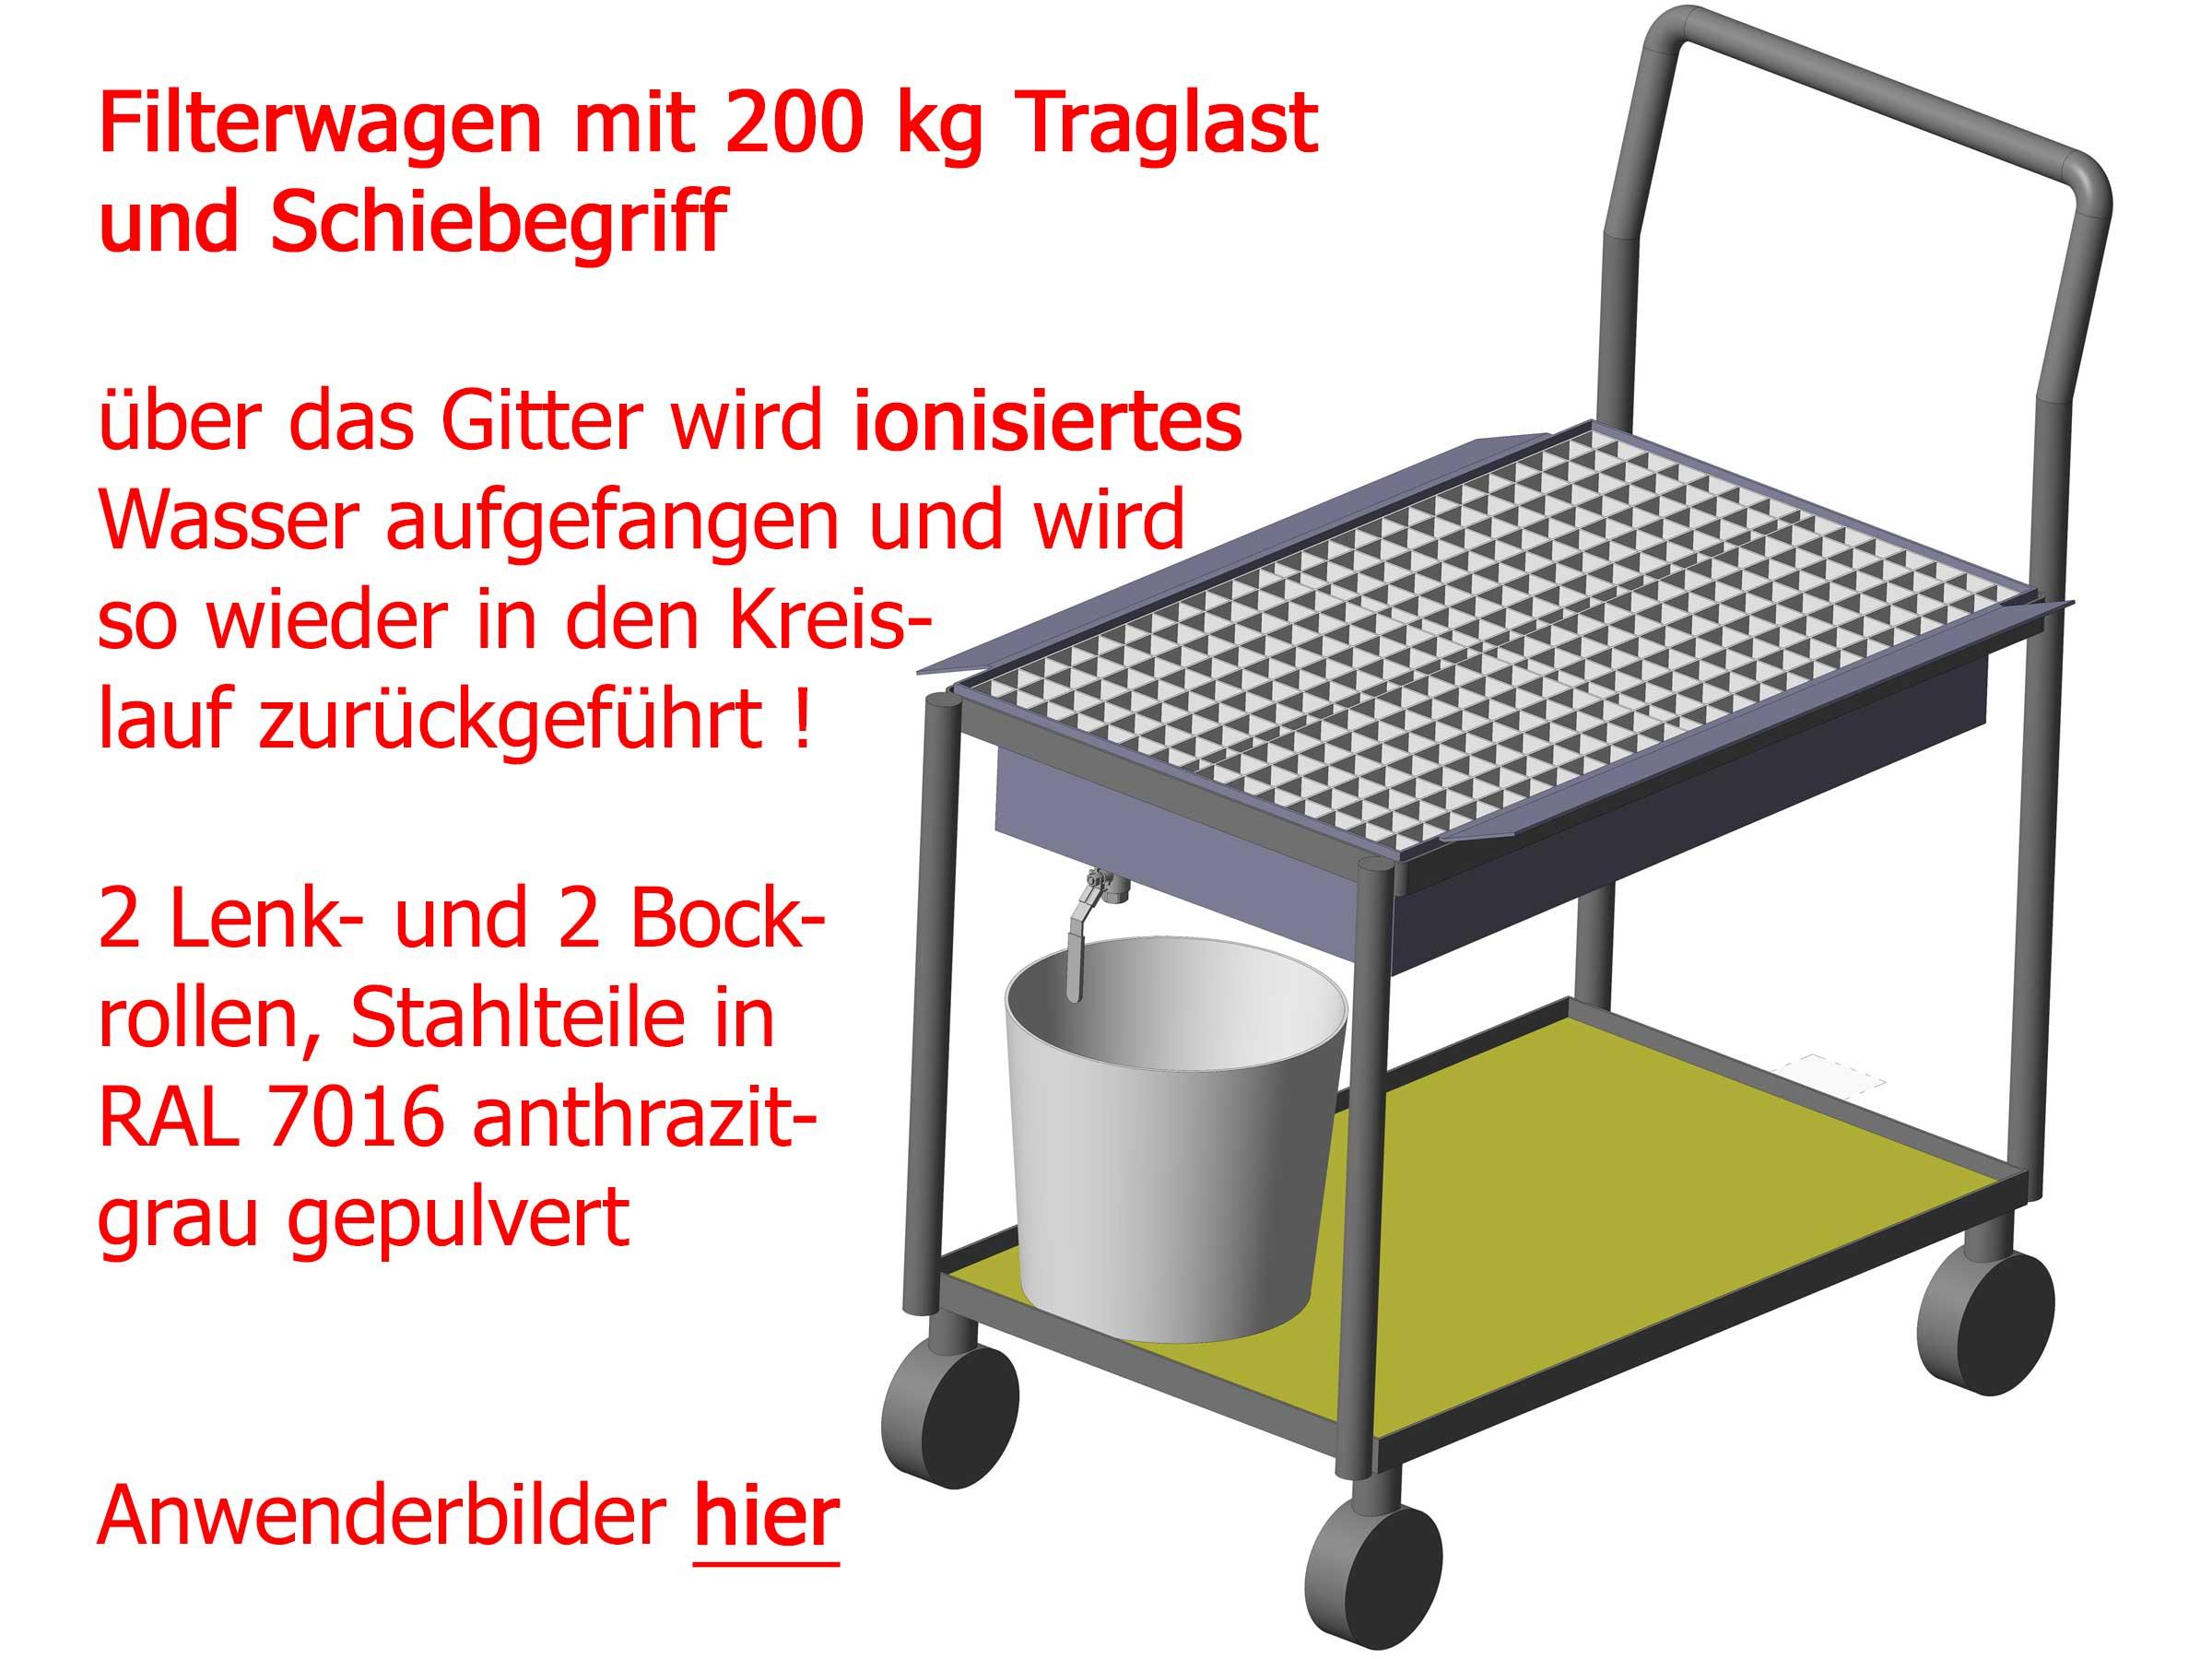 Filterwagen als Tischwagen mit 2 Wannen, oben eingelegter Rost zum Auffangen von ionisiertem Wasser (2 x 15 Liter), um dieses aufgesammelt direkt wiederverwerten zu können, RAL 7016 gepulvert, #8493